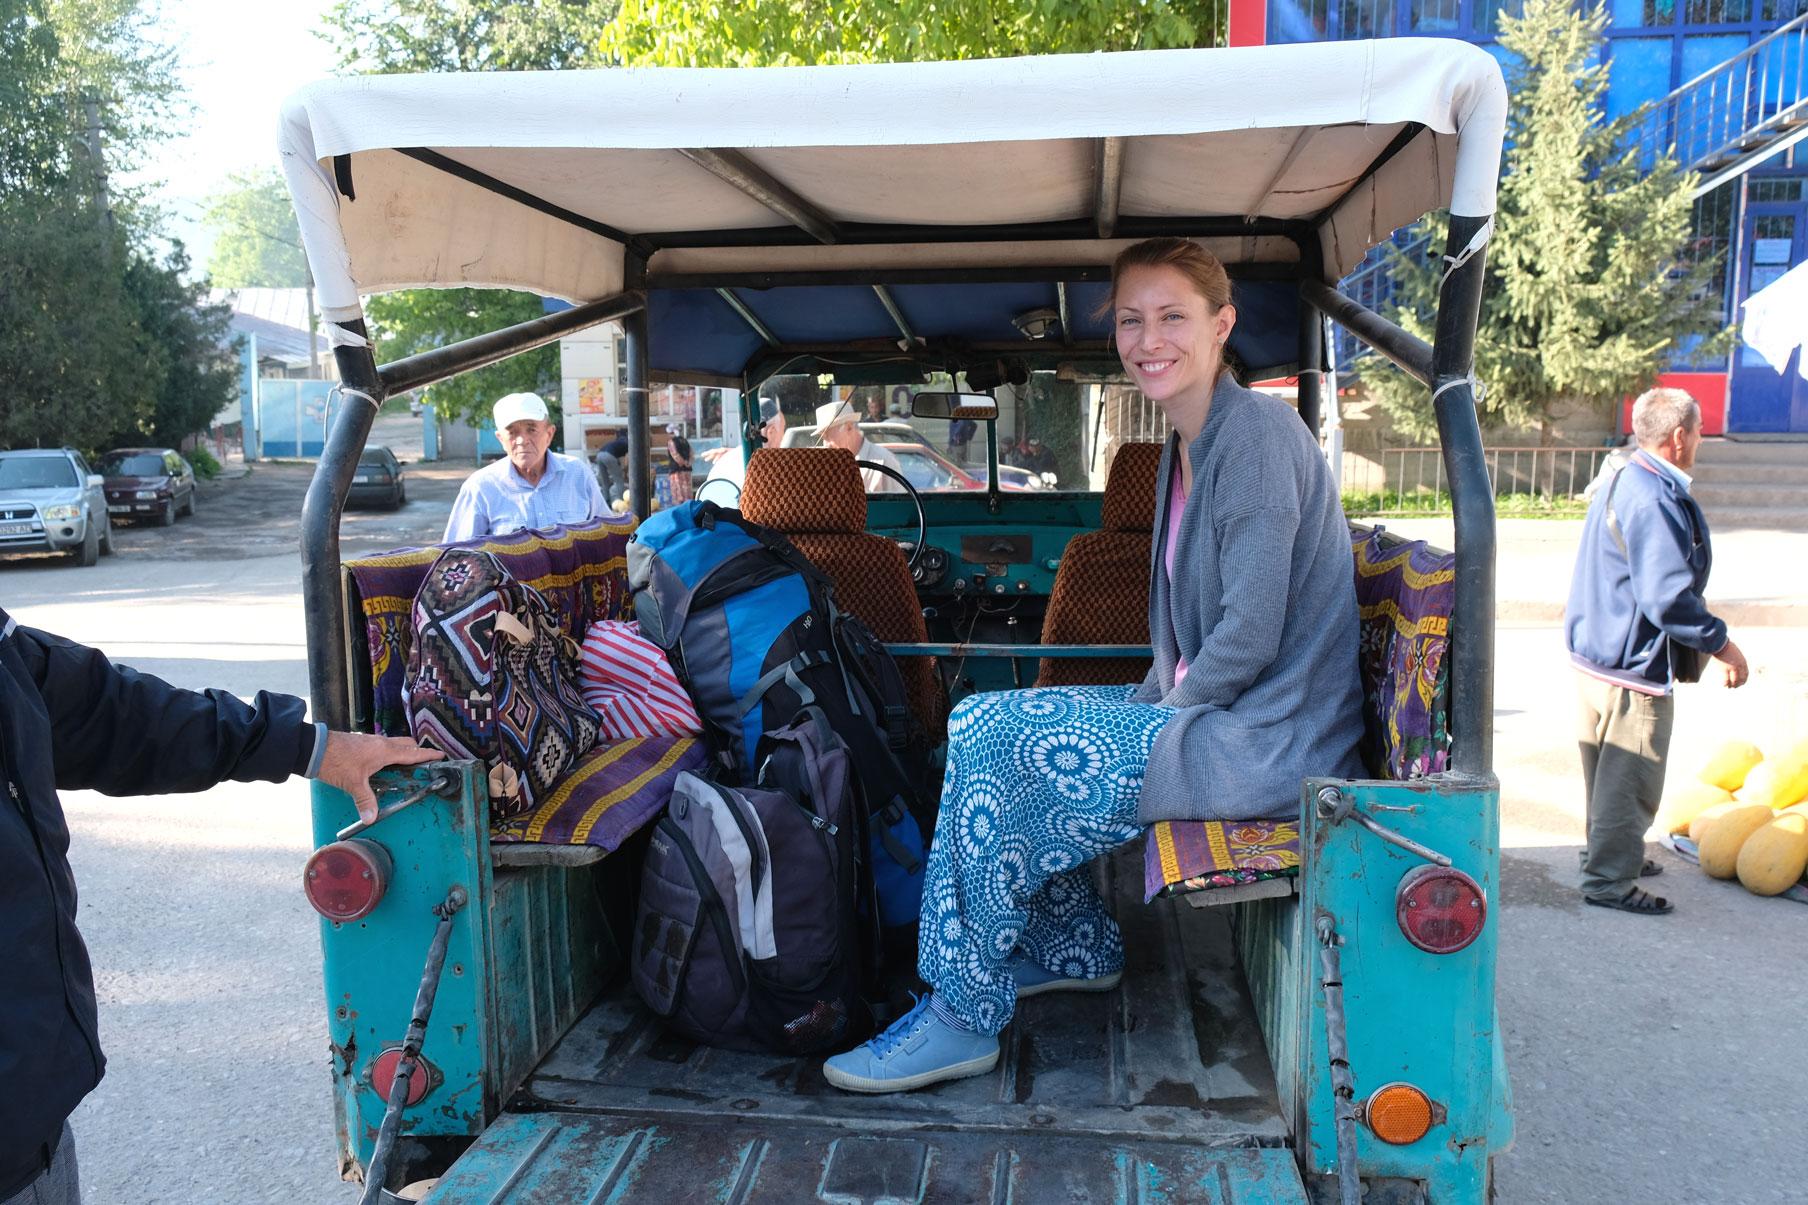 Mit einem Geländewagen geht es vom Homestay zurück ins Tal